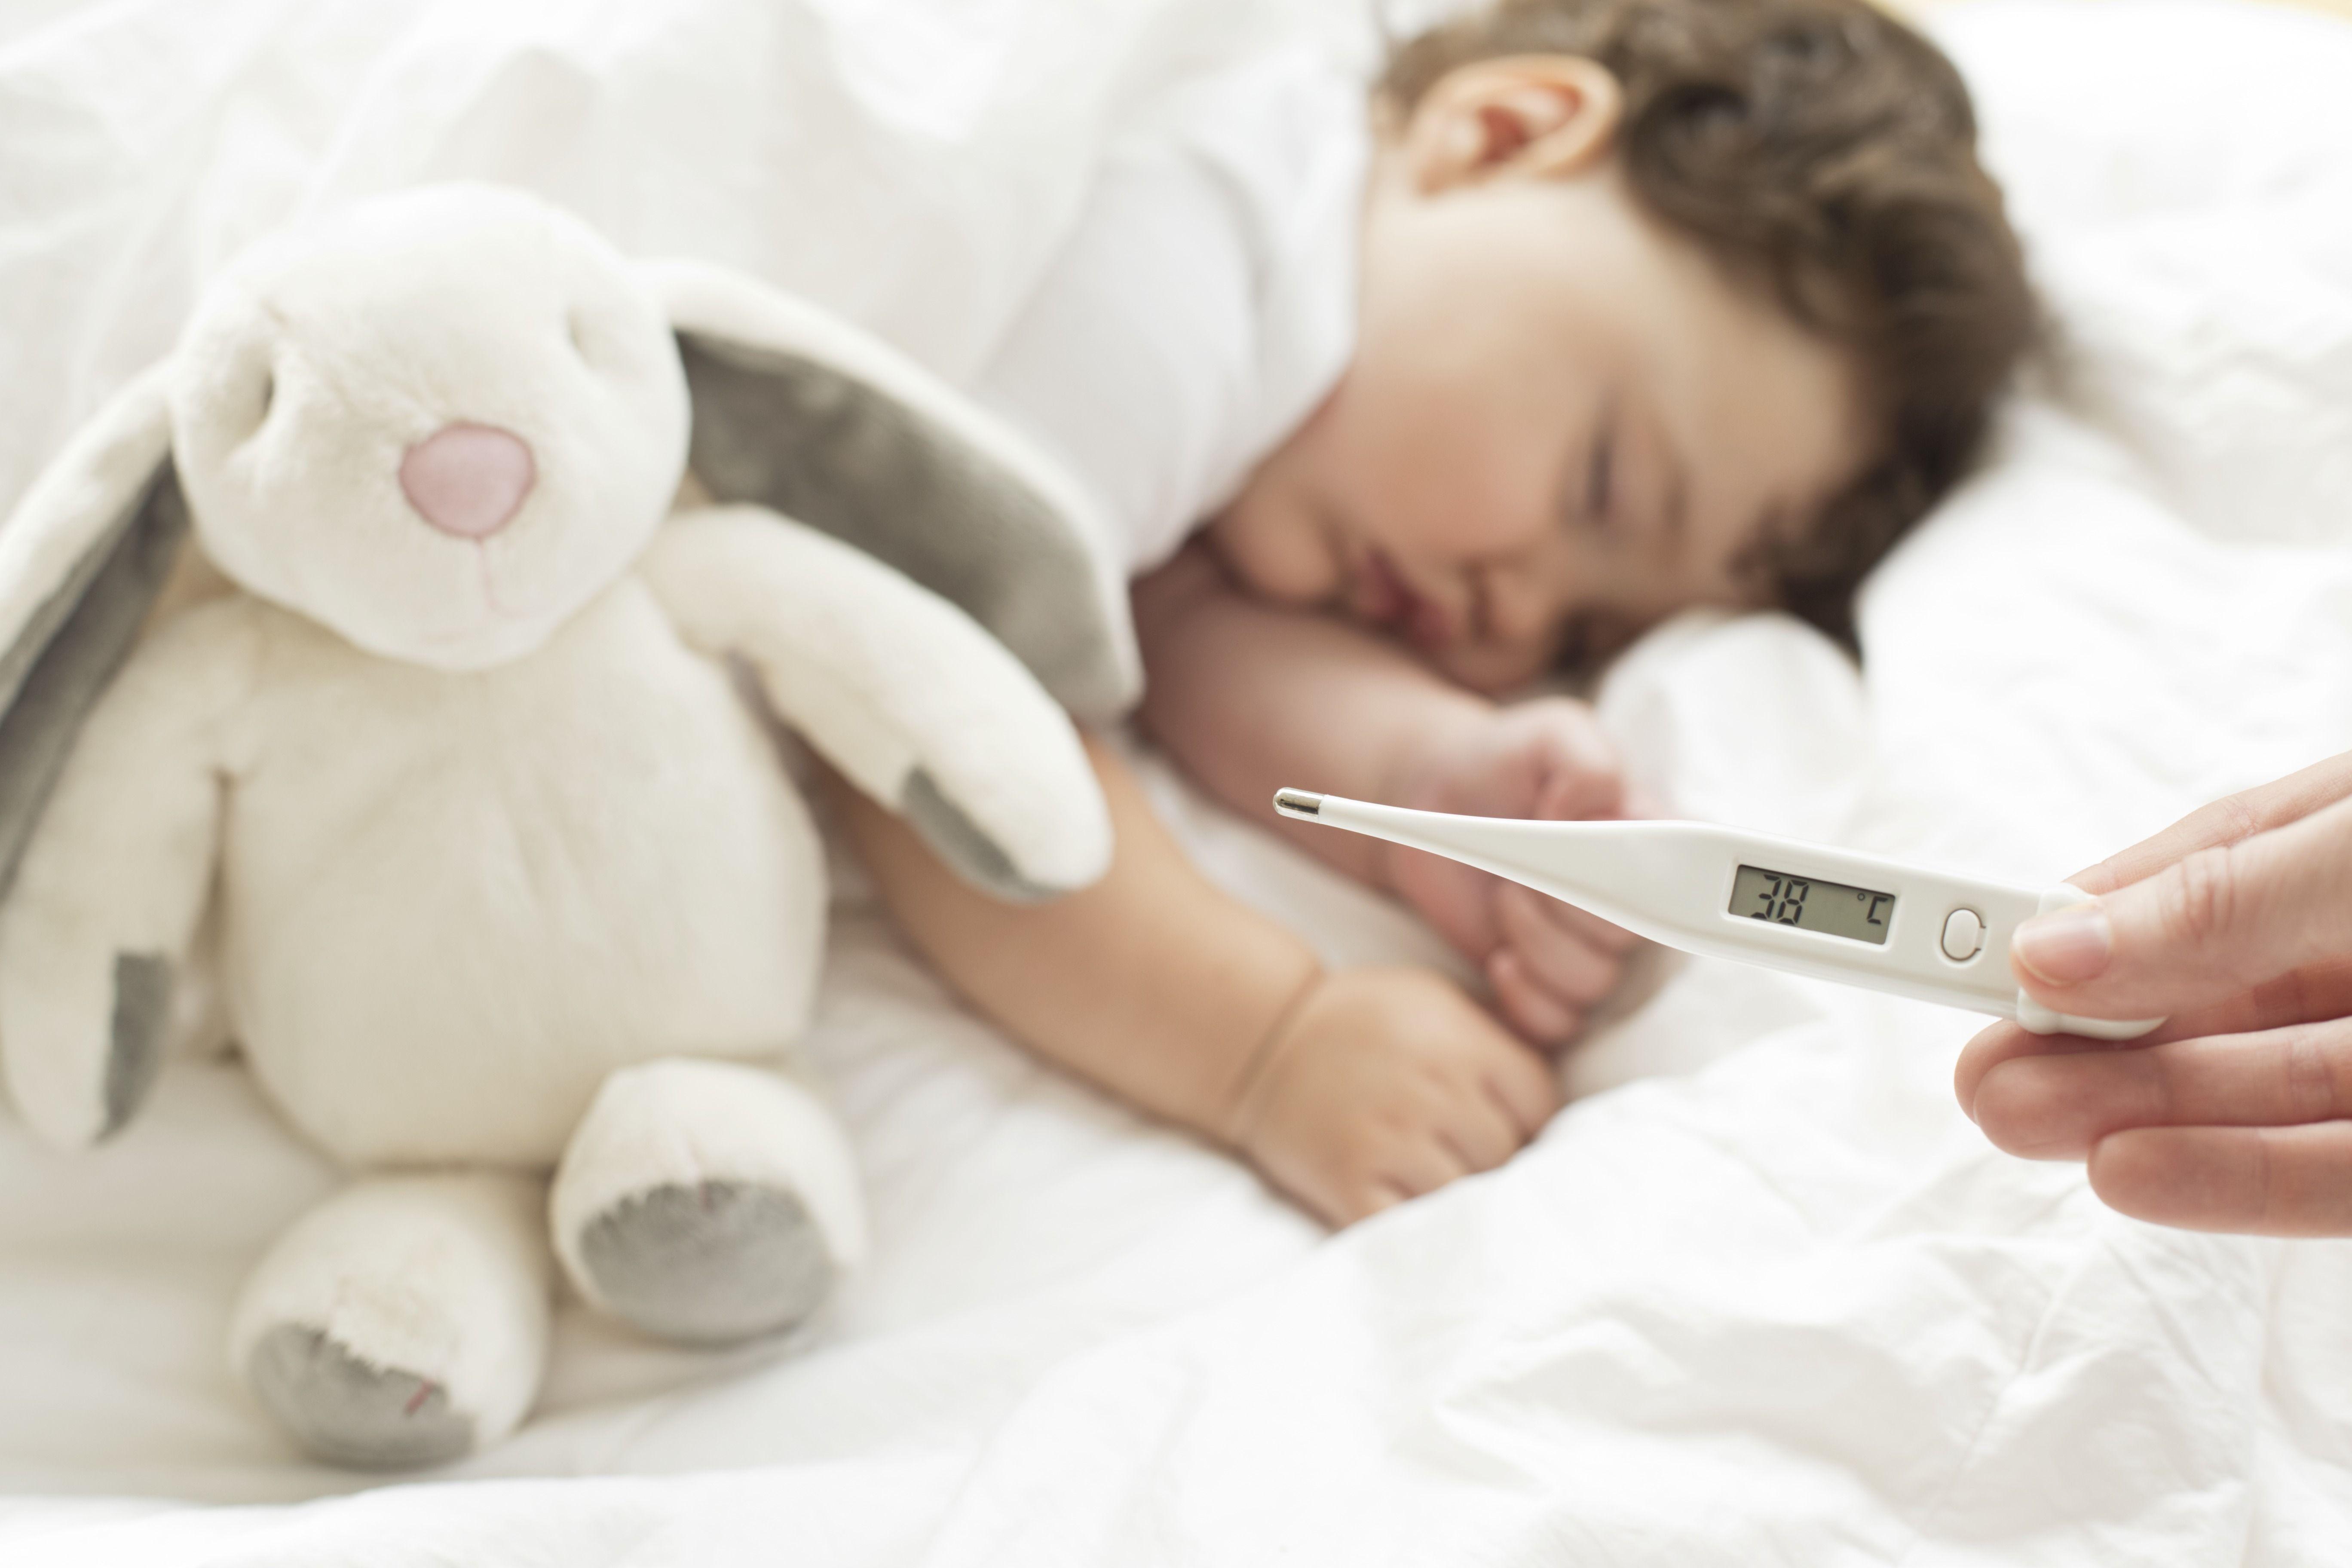 36 3 grados es fiebre en bebes